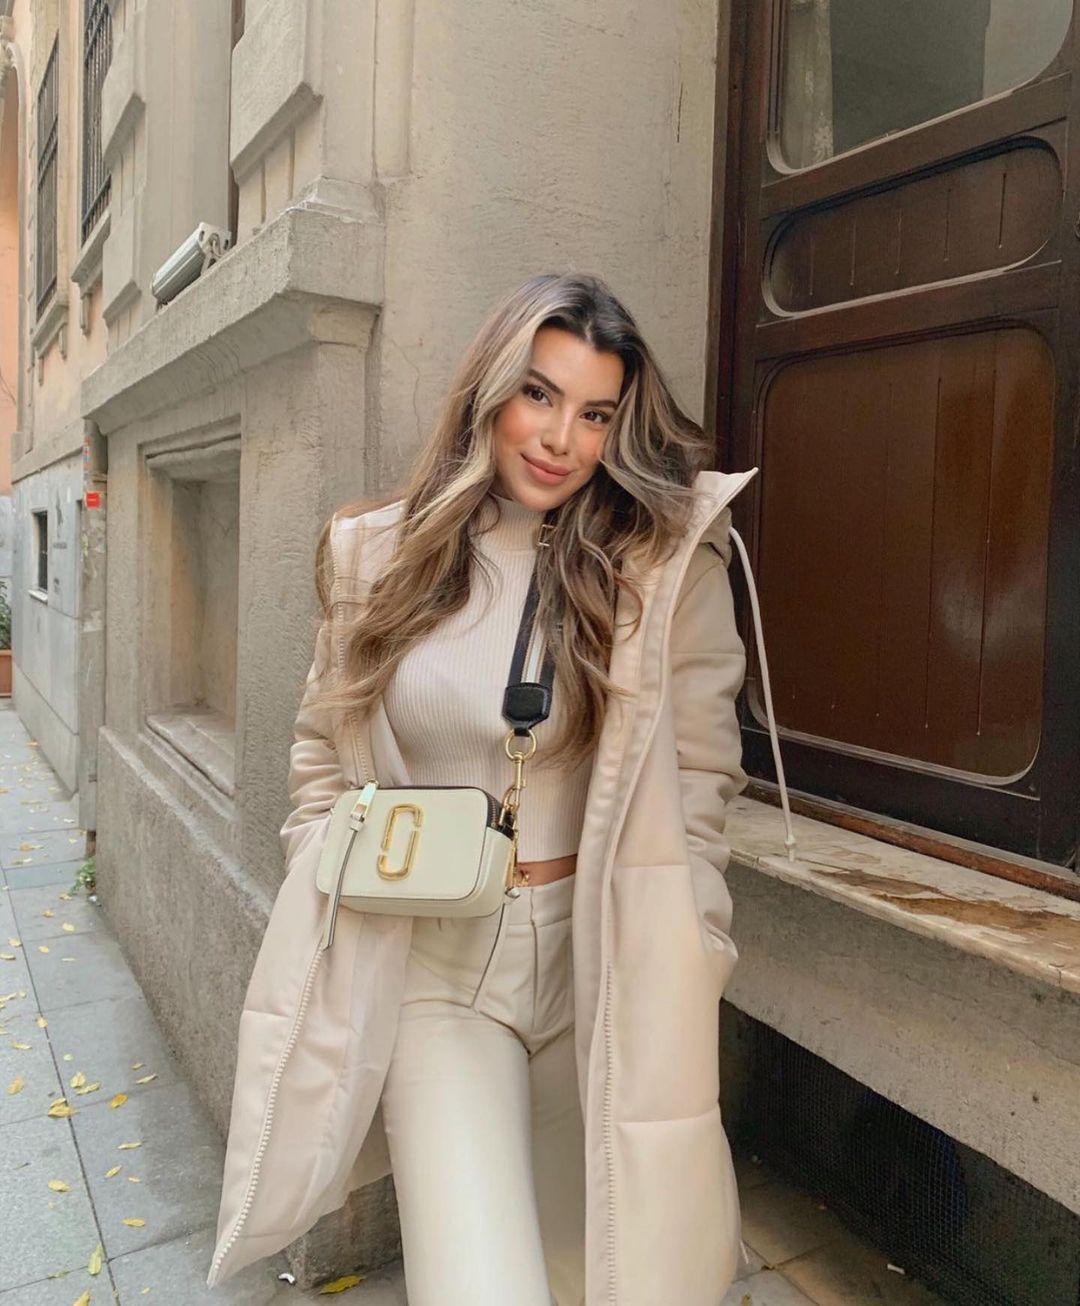 manteau rembourré en cuir synthétique de Zara sur zara.outfits